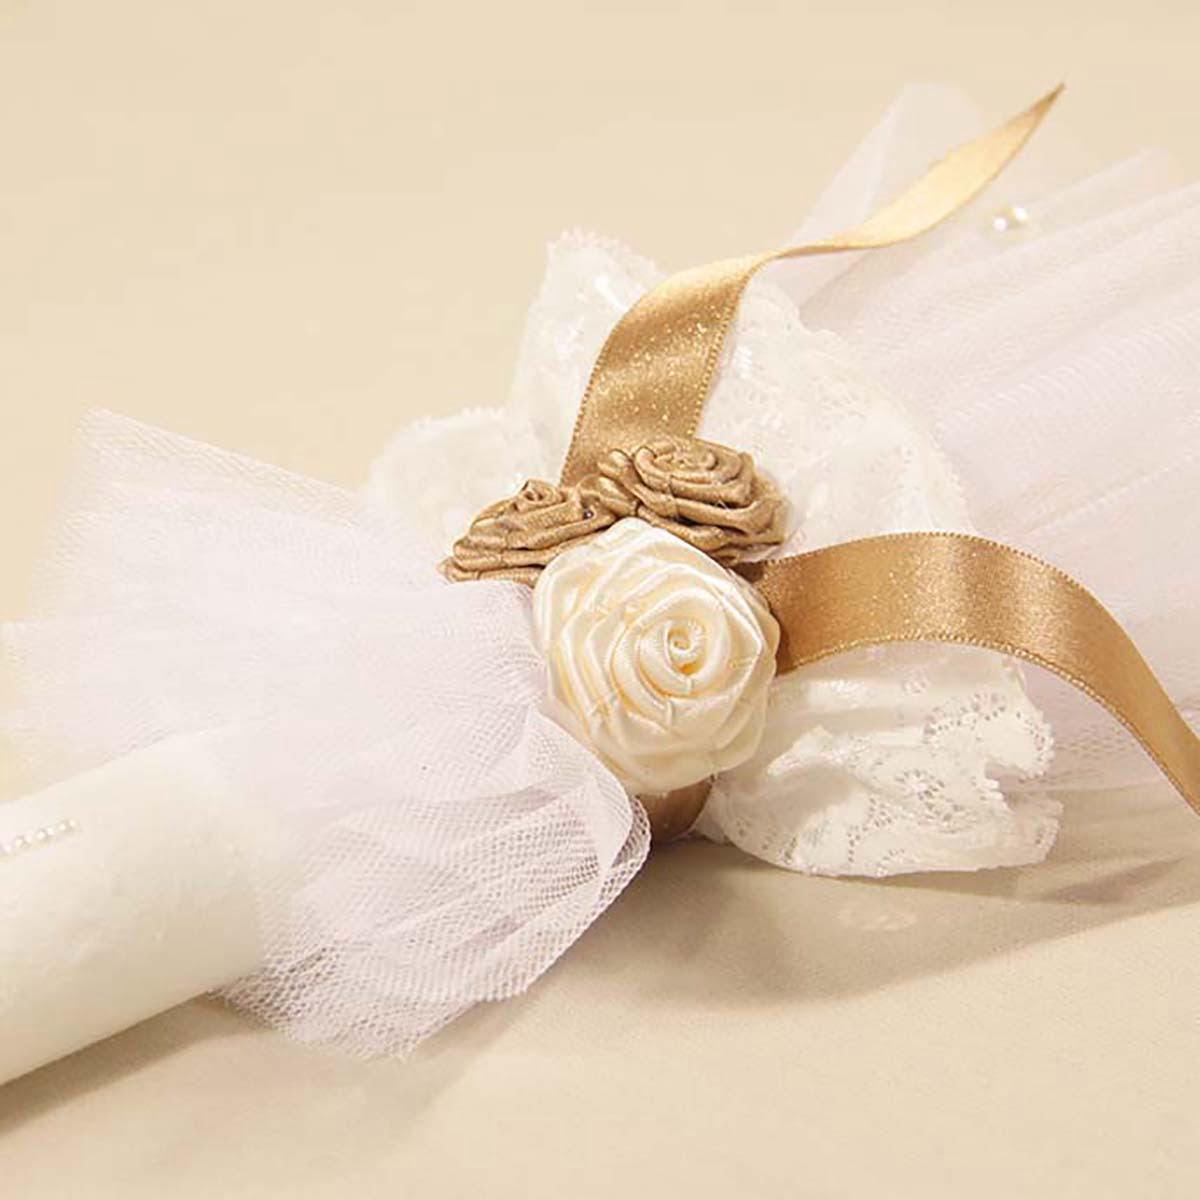 cvjetni bijelo zlatni ukrasi svijeće za krštenje Goldie angel